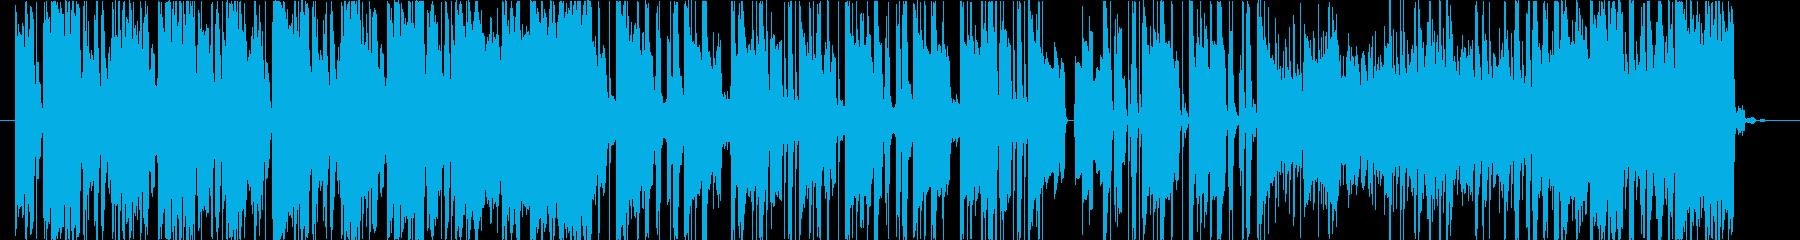 jazzテイストのエレピ音源メインの楽…の再生済みの波形